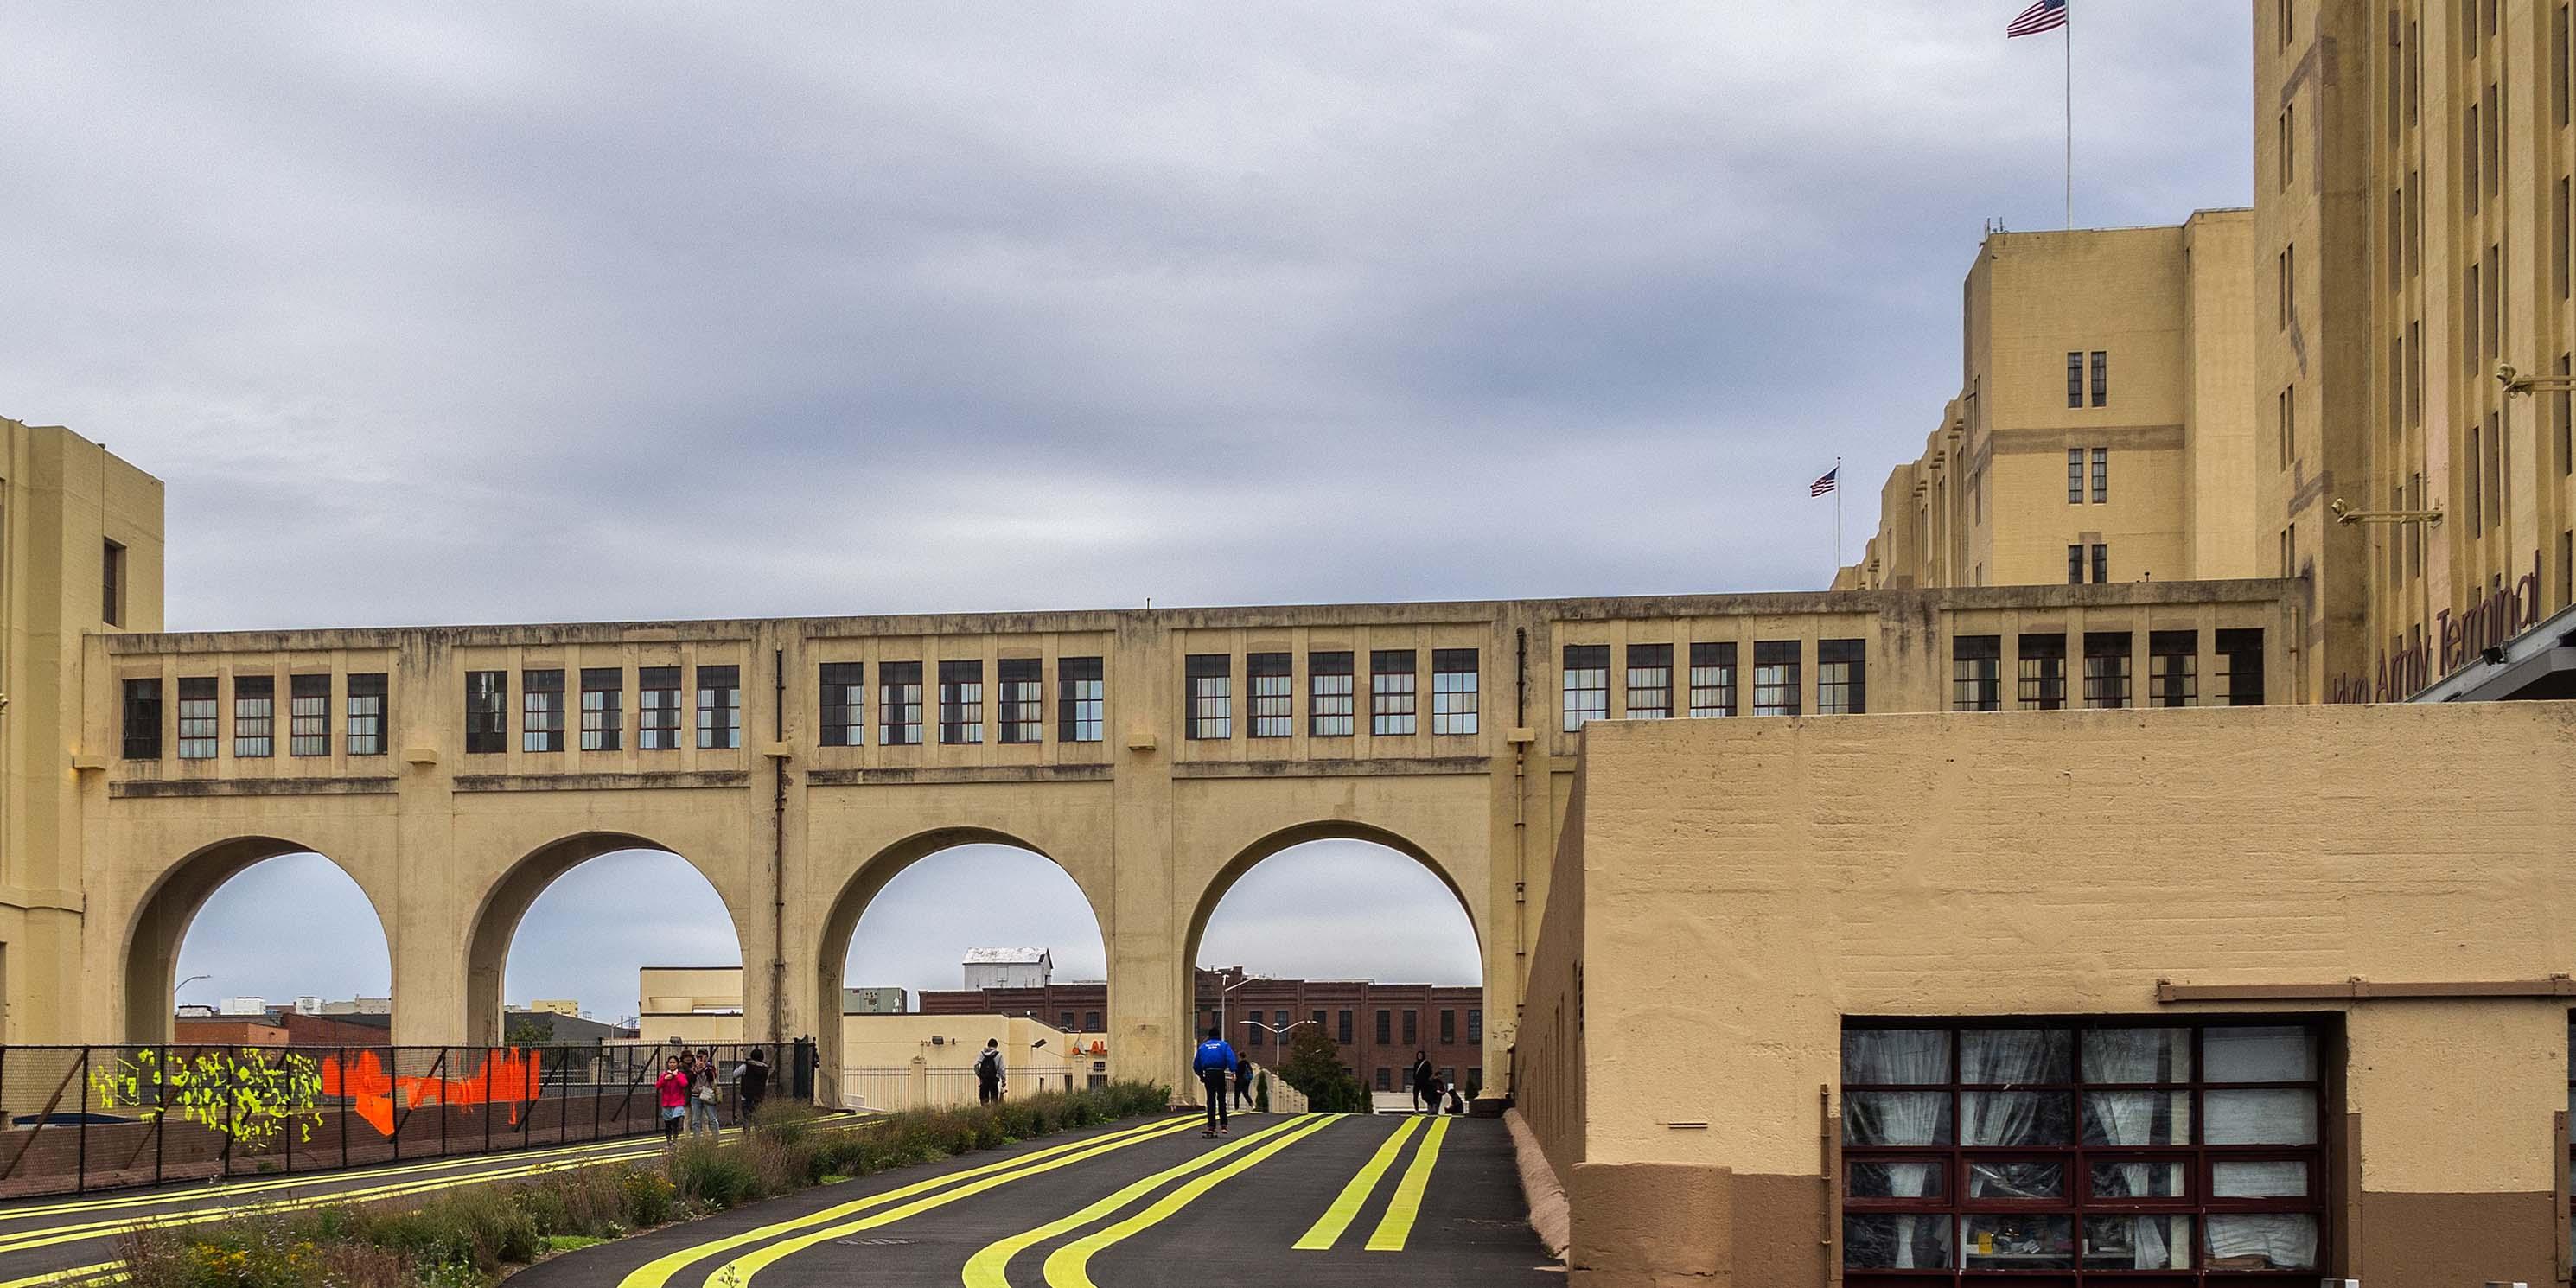 The Brooklyn Army Terminal